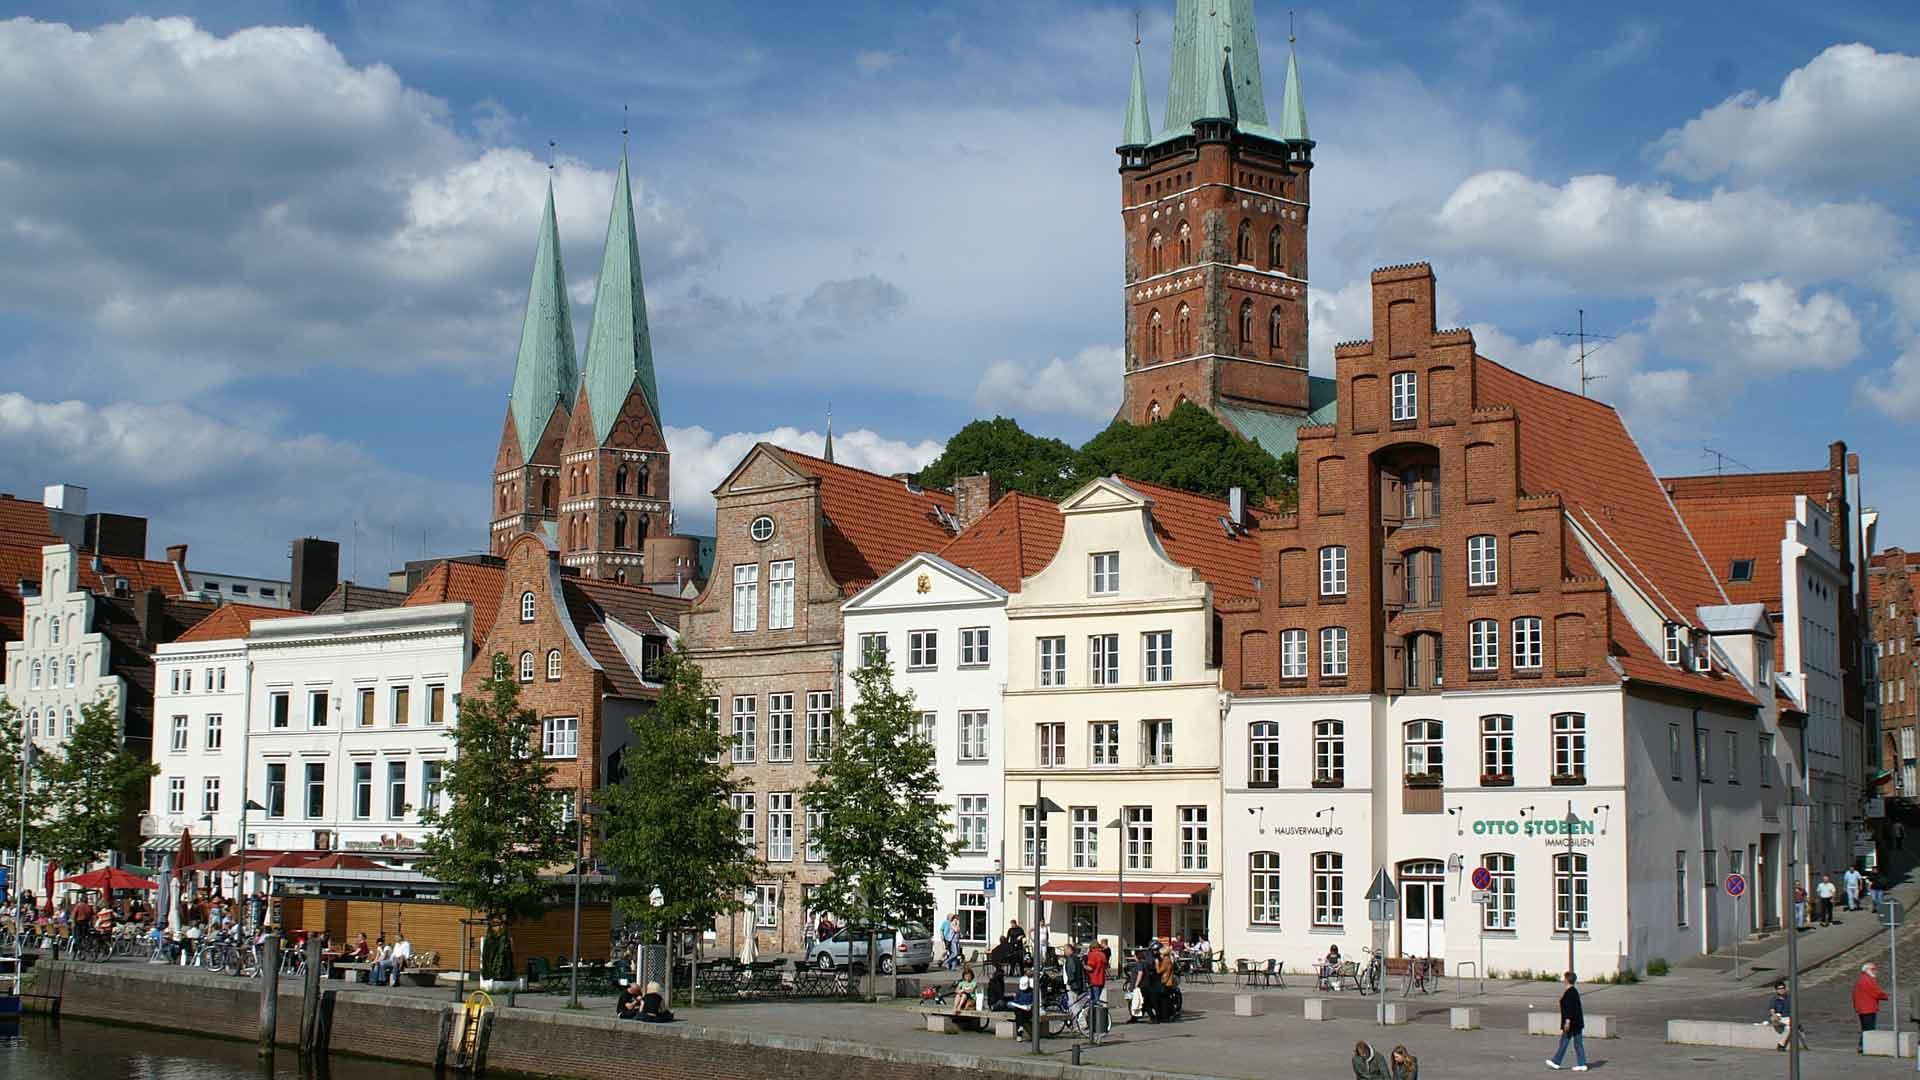 Mooi stukje Lübeck aan de kade van de rivier de Trave.